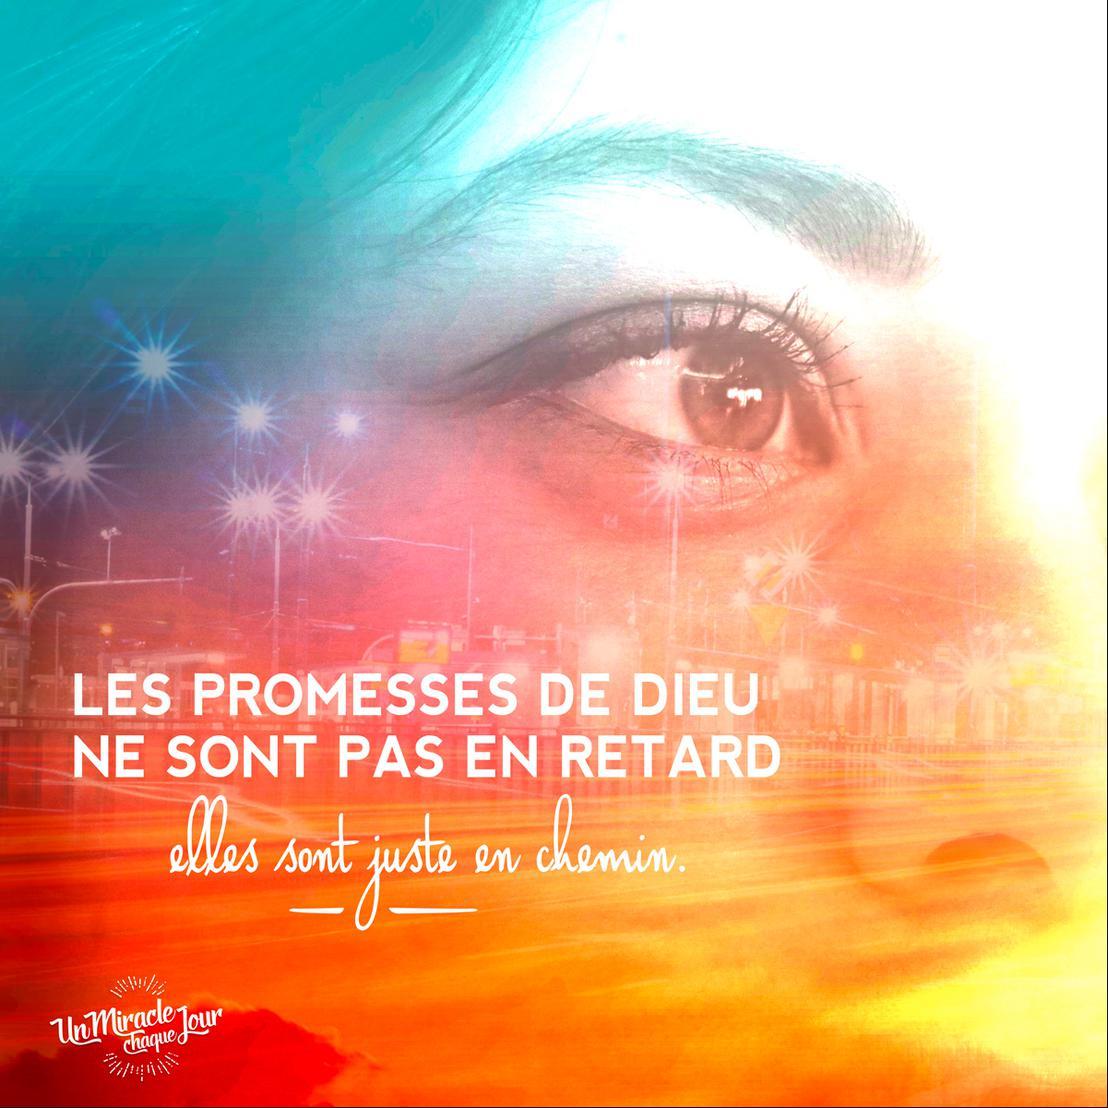 Les promesses de Dieu sont en chemin pour vous Mon ami(e)